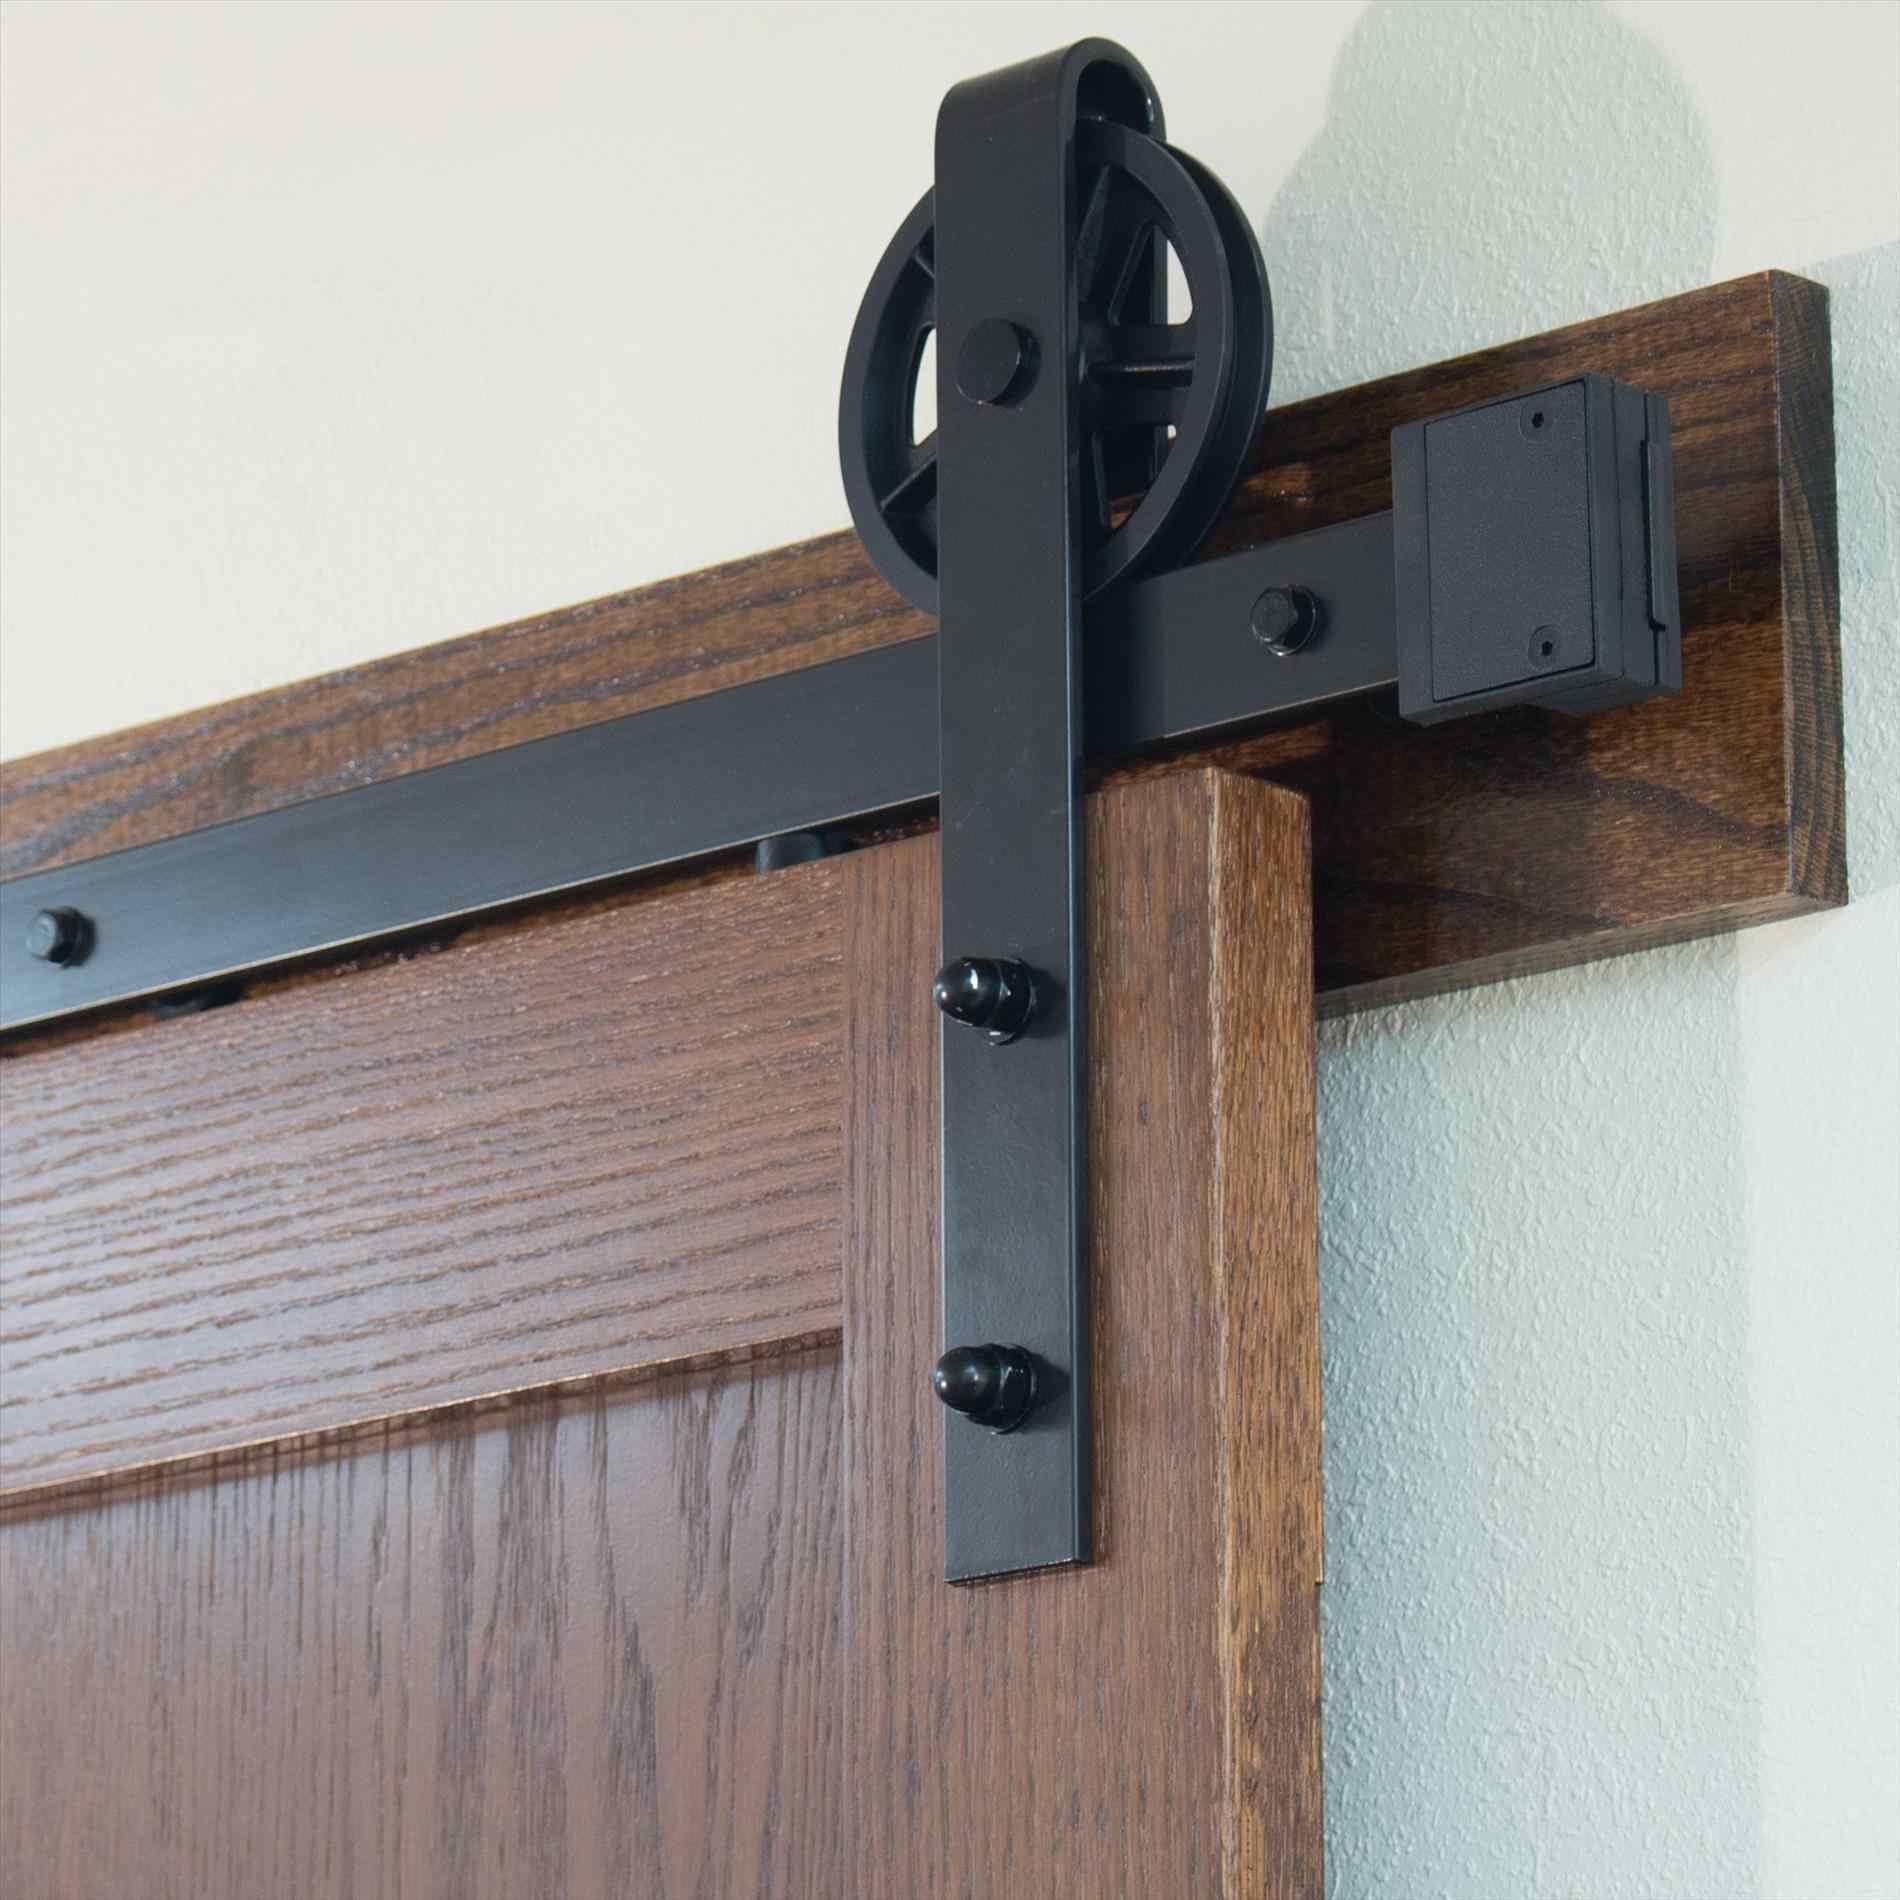 Finding Door Accessories Name List Garage Door Parts U Home Interior Decoration Hardware Access Barn Doors Sliding Sliding Door Hardware Sliding Doors Interior